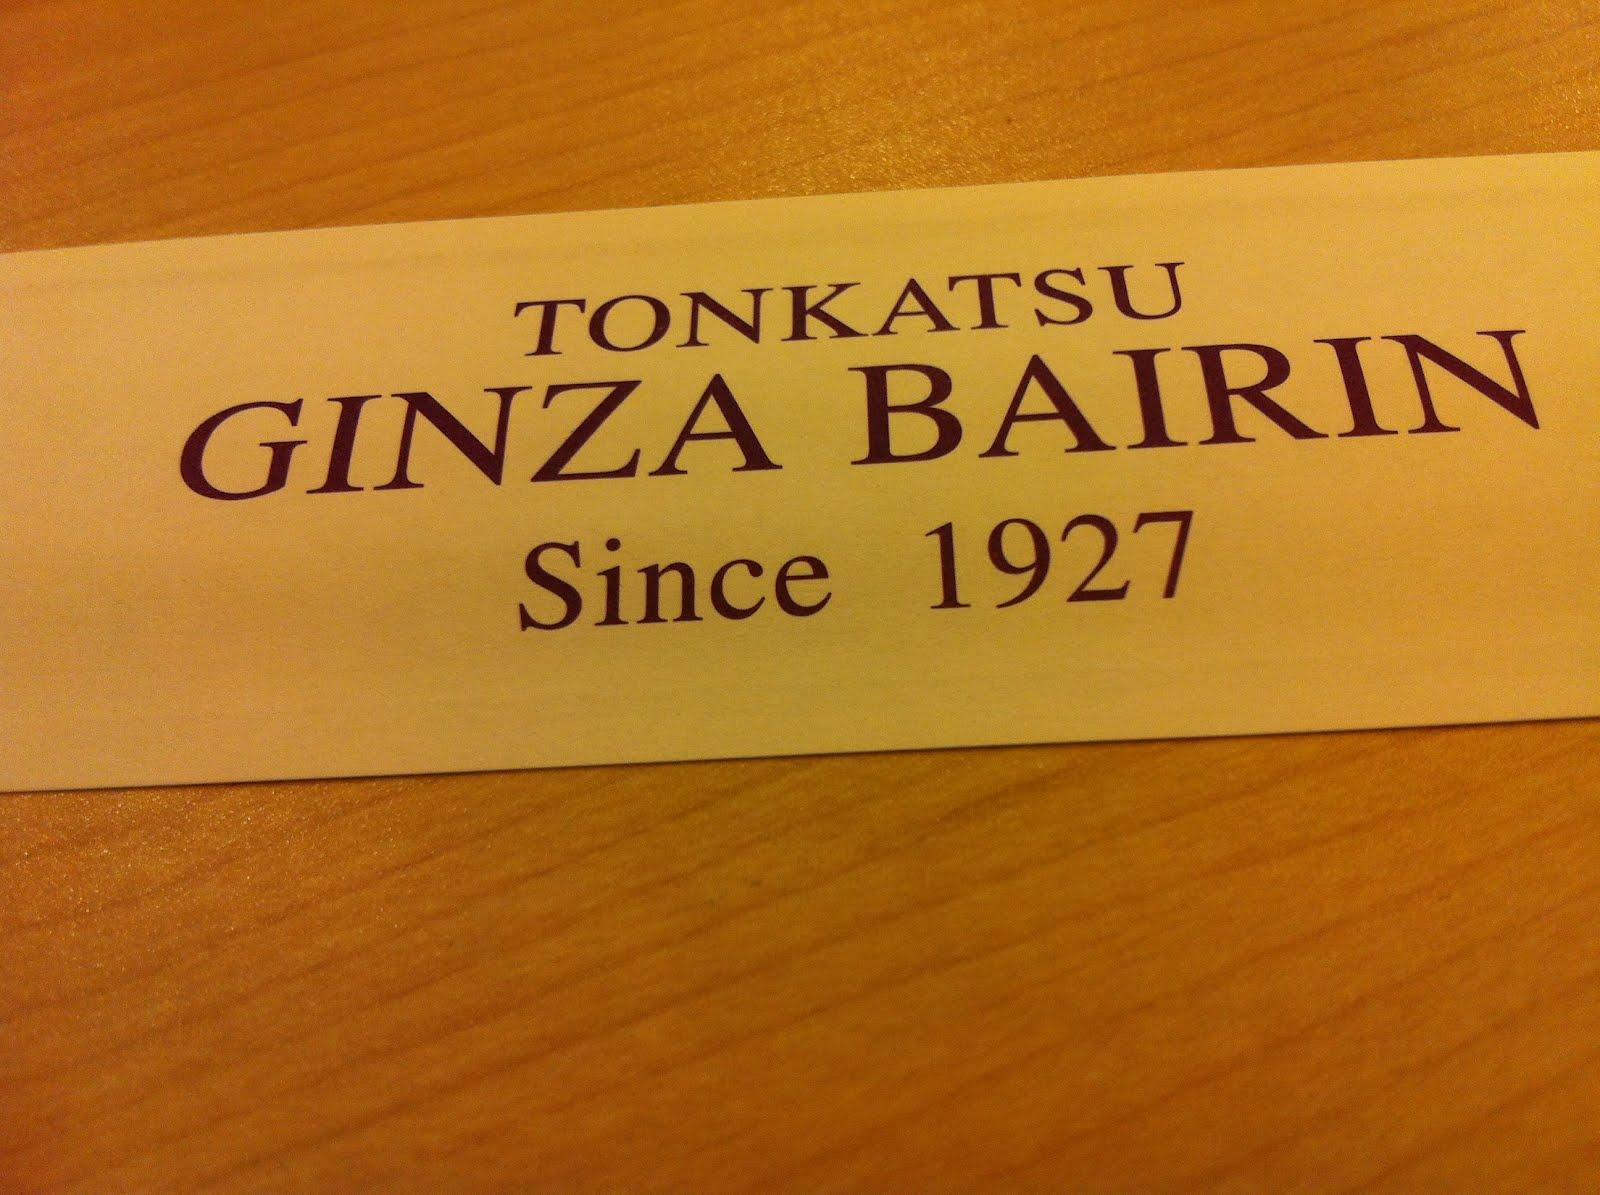 Tonkatsu Ginza Bairin Menu Singapore Tonkatsu Ginza Bairin Ion